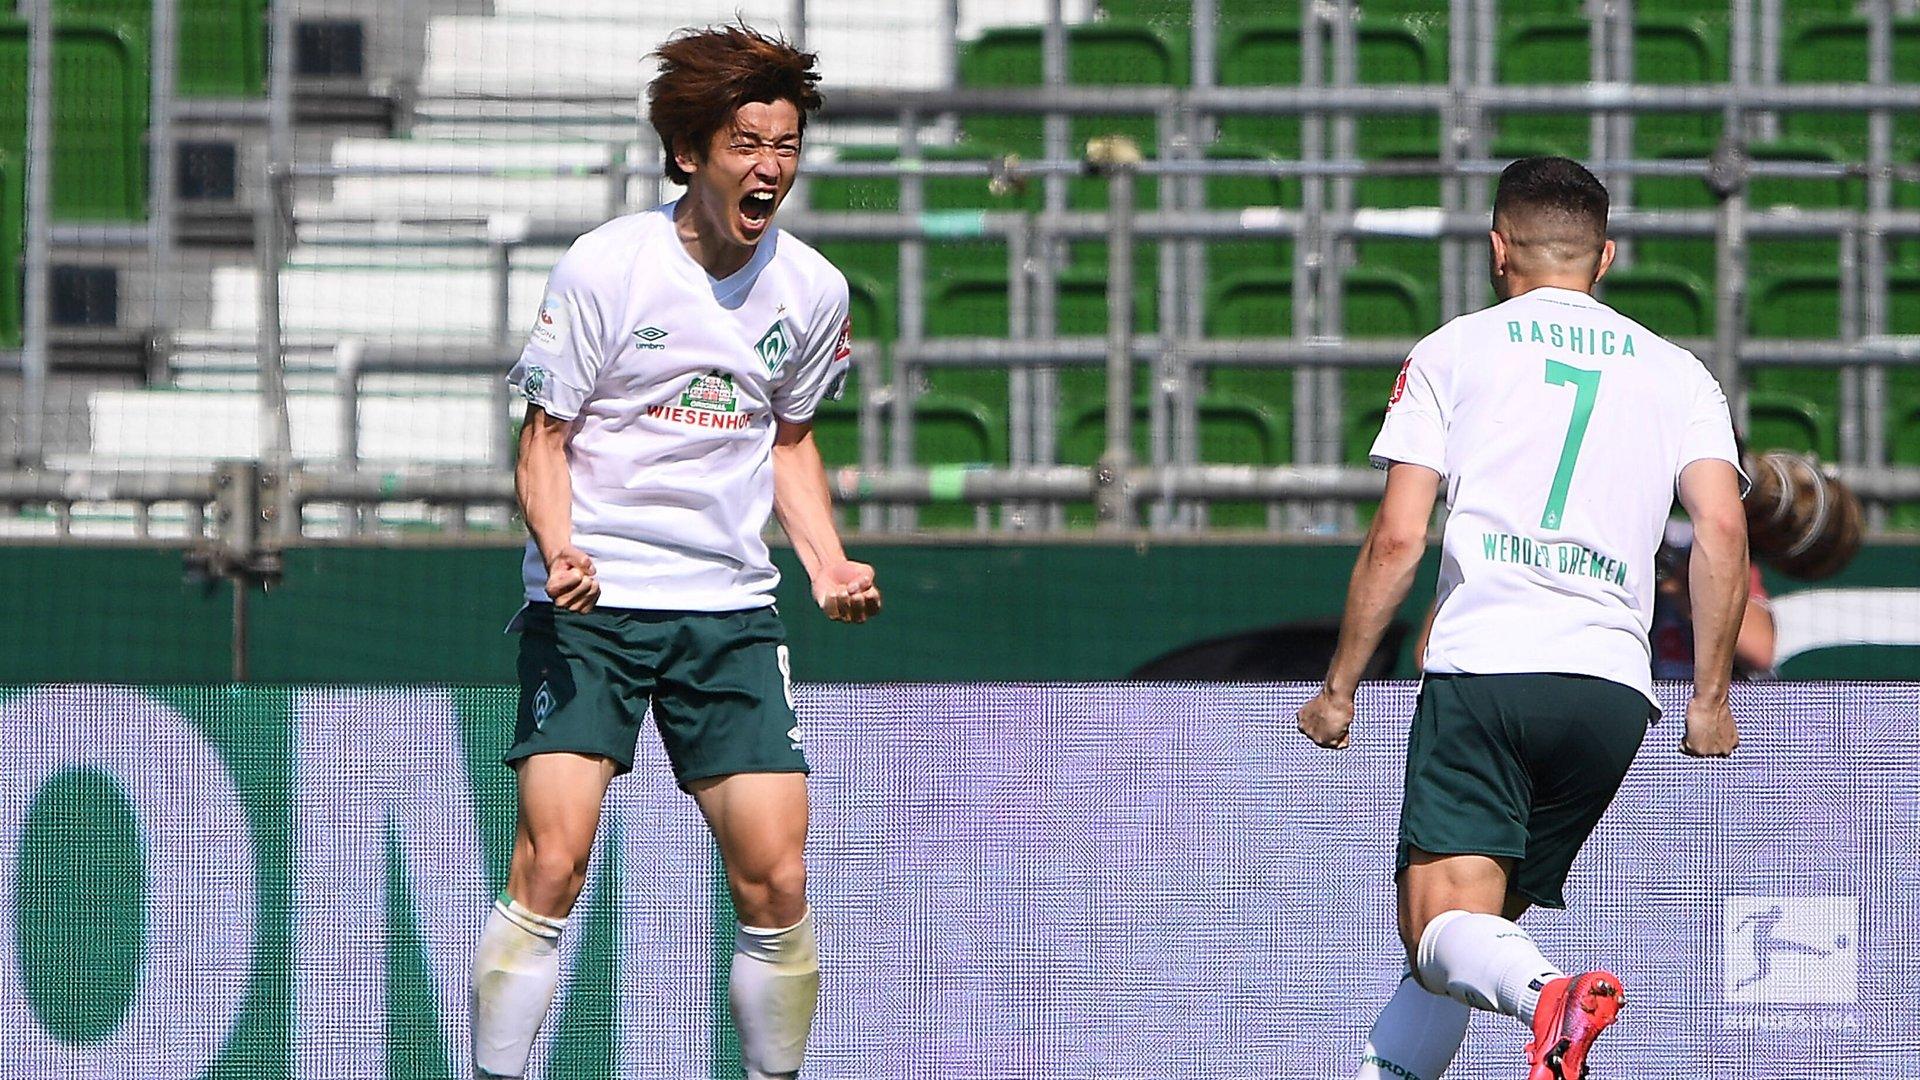 保级大腿!大迫勇也最后4轮4球,进球数创德甲生涯新高